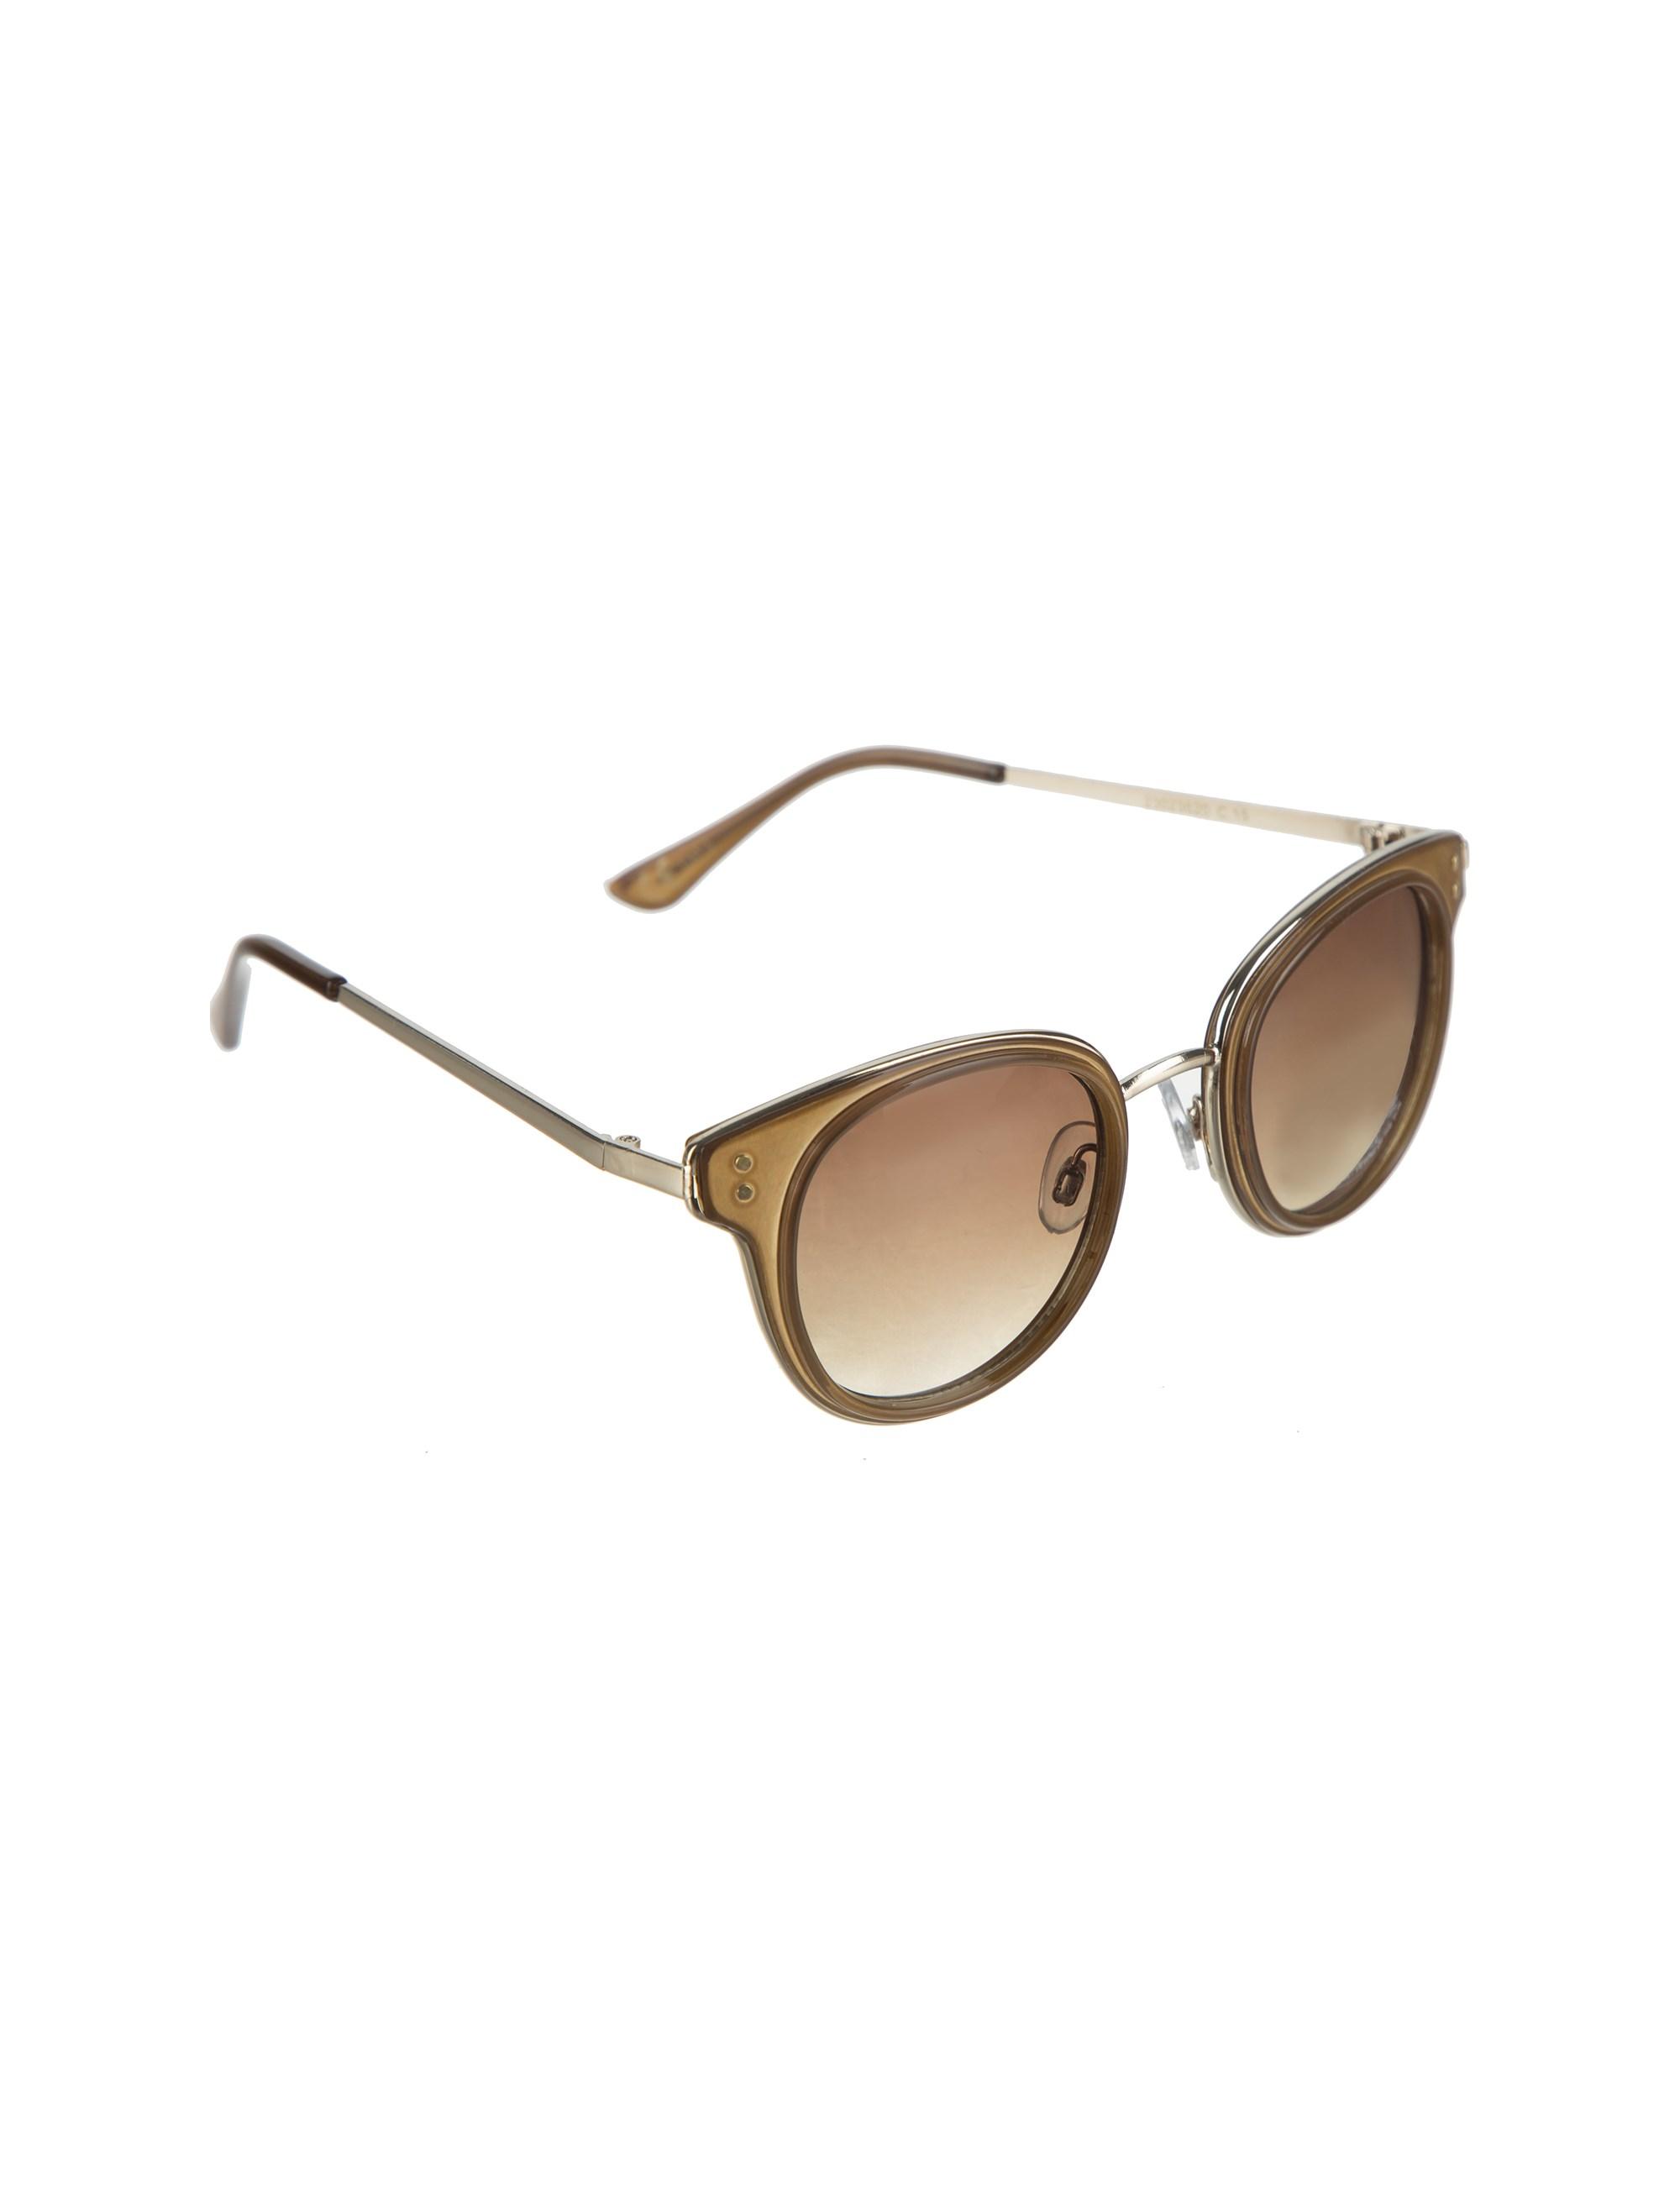 عینک آفتابی پنتوس زنانه - مانگو